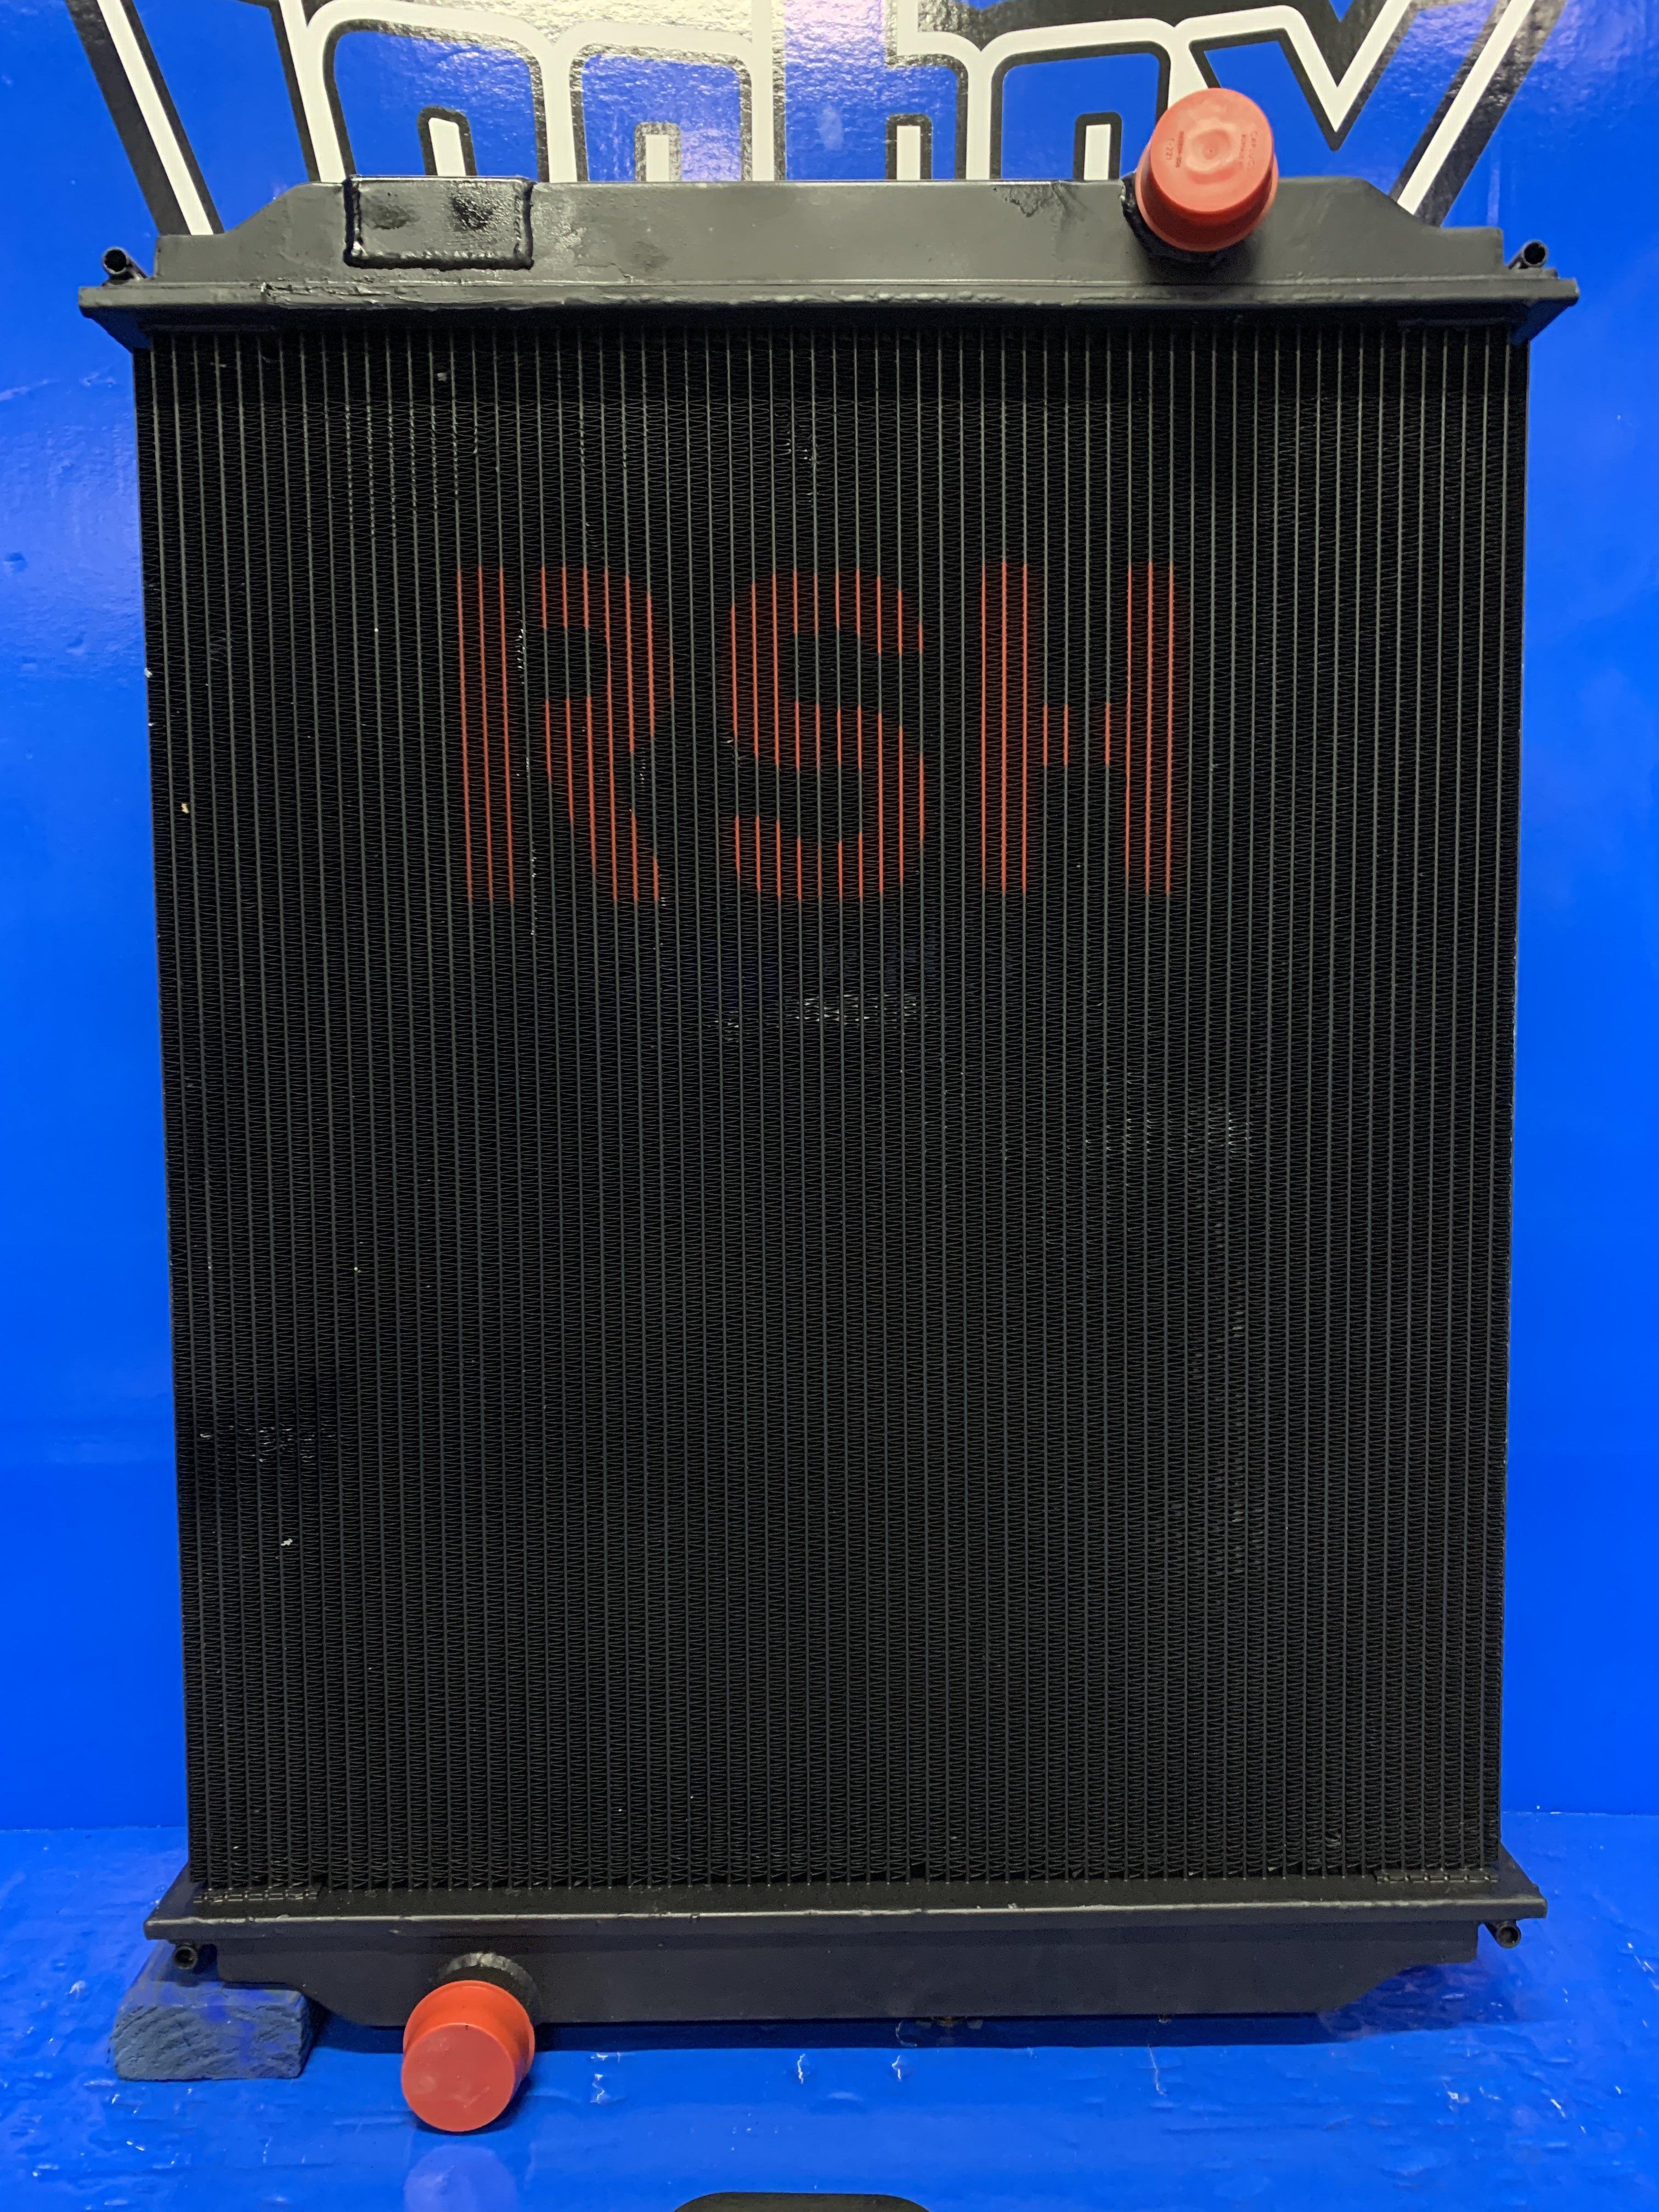 radiator-bluebird-new-part-no-ctvtm82233-15096063